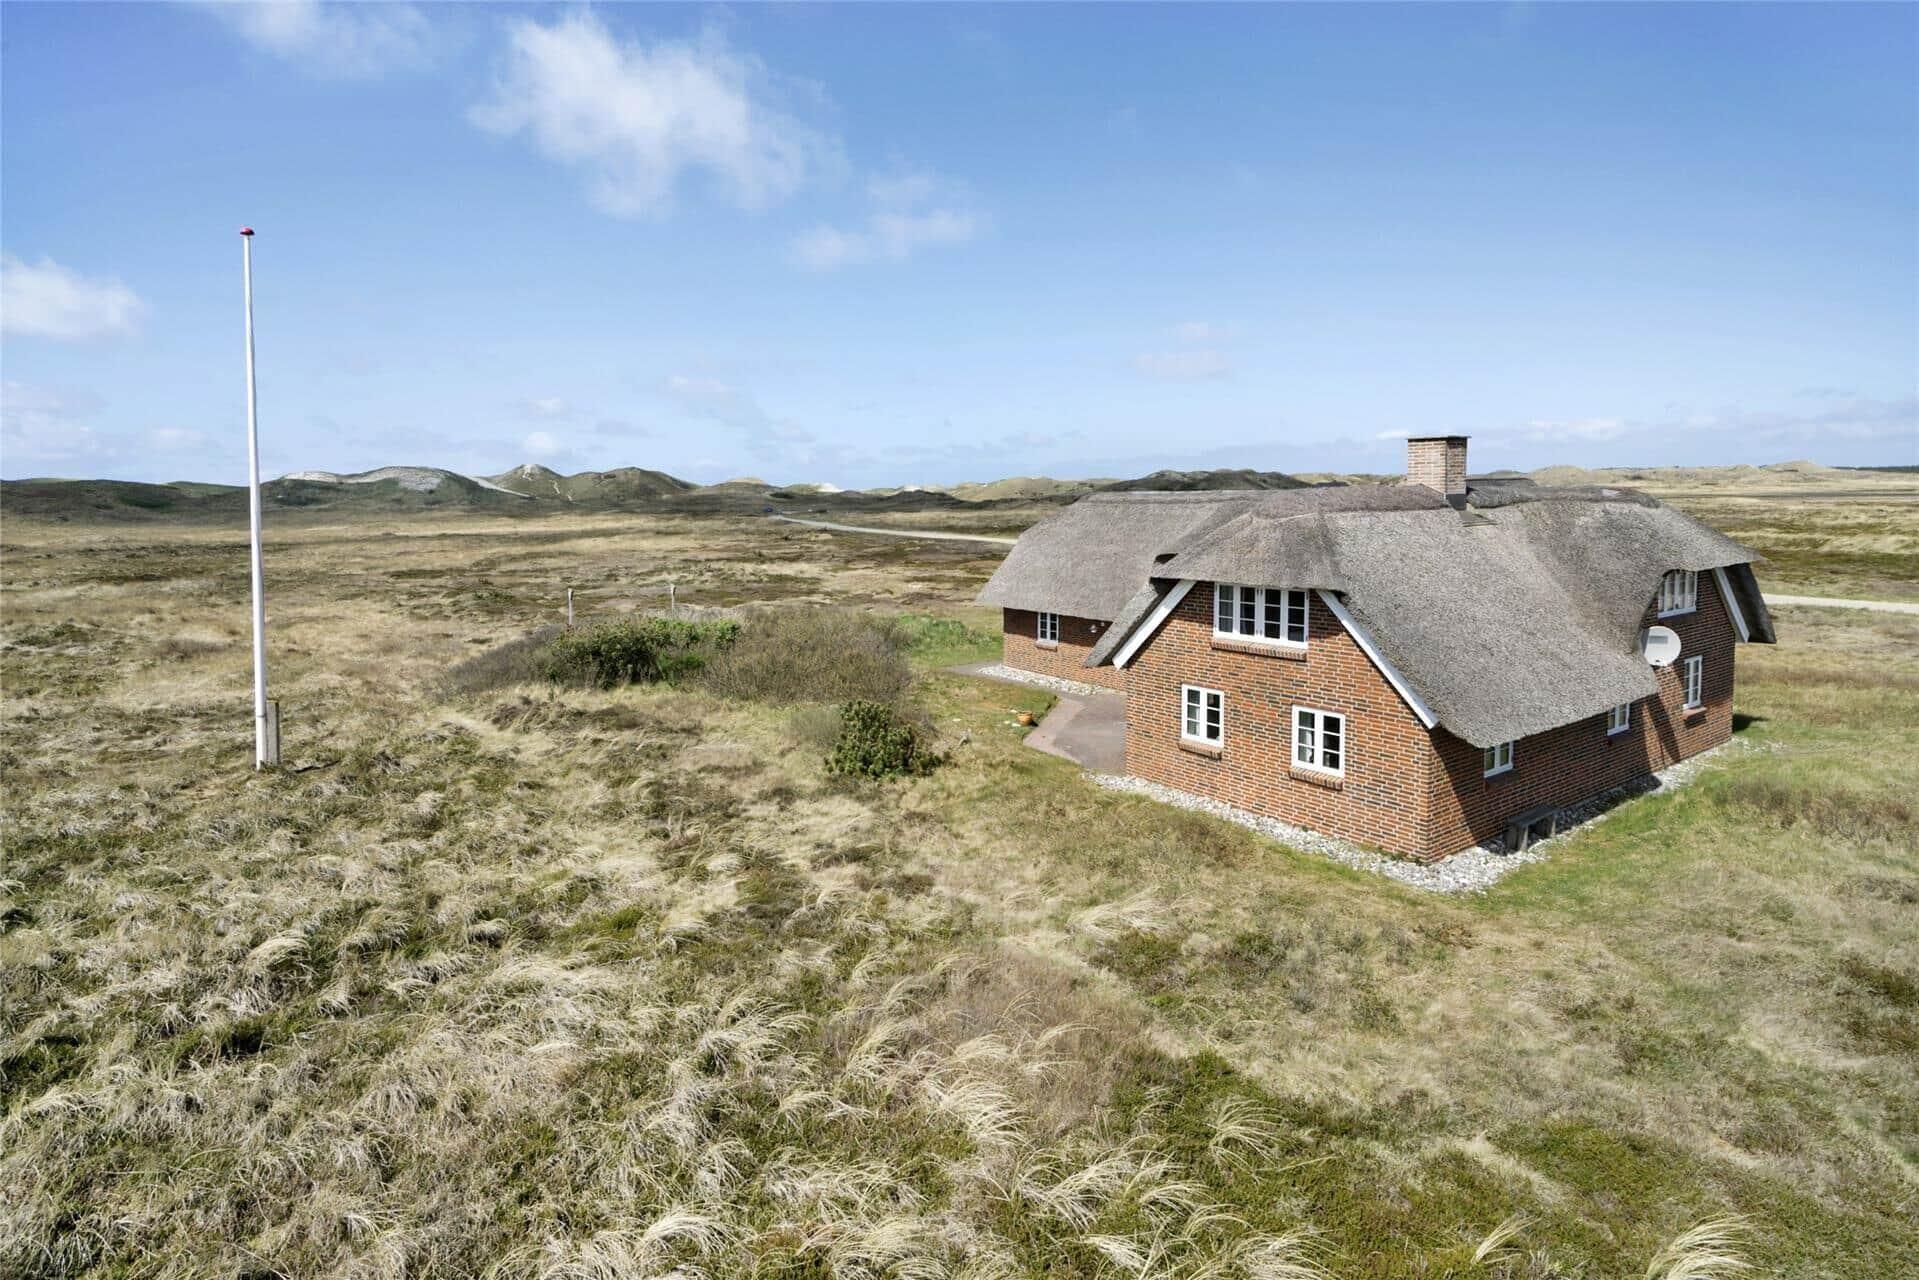 Afbeelding 1-175 Vakantiehuis 10024, Kjærgaardvej 151, DK - 6990 Ulfborg